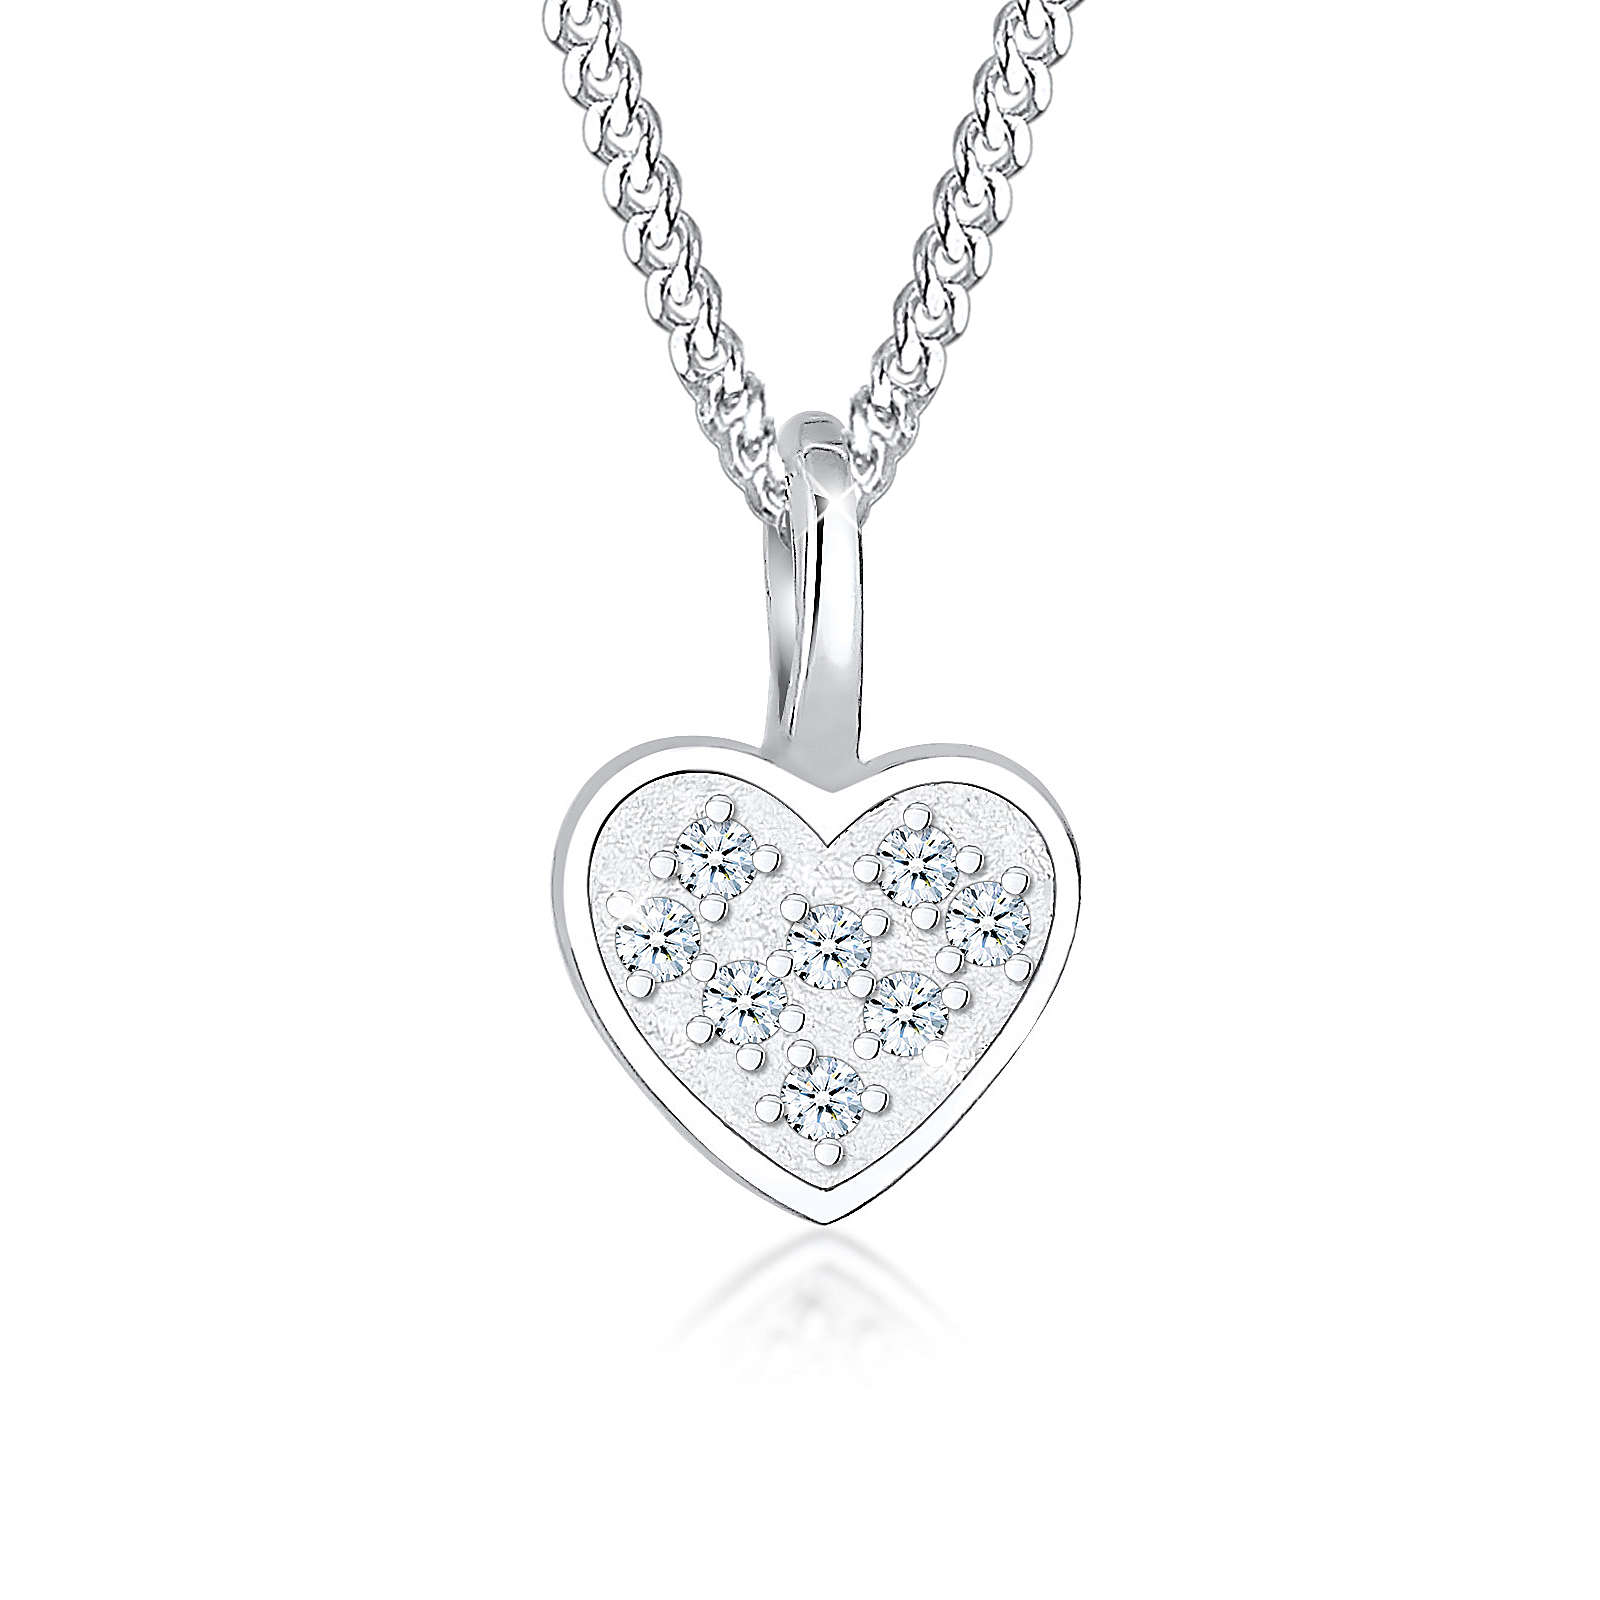 Elli PREMIUM Halskette Herz Liebe Diamant (0.08 ct.) 925 Silber Halsketten silber Damen